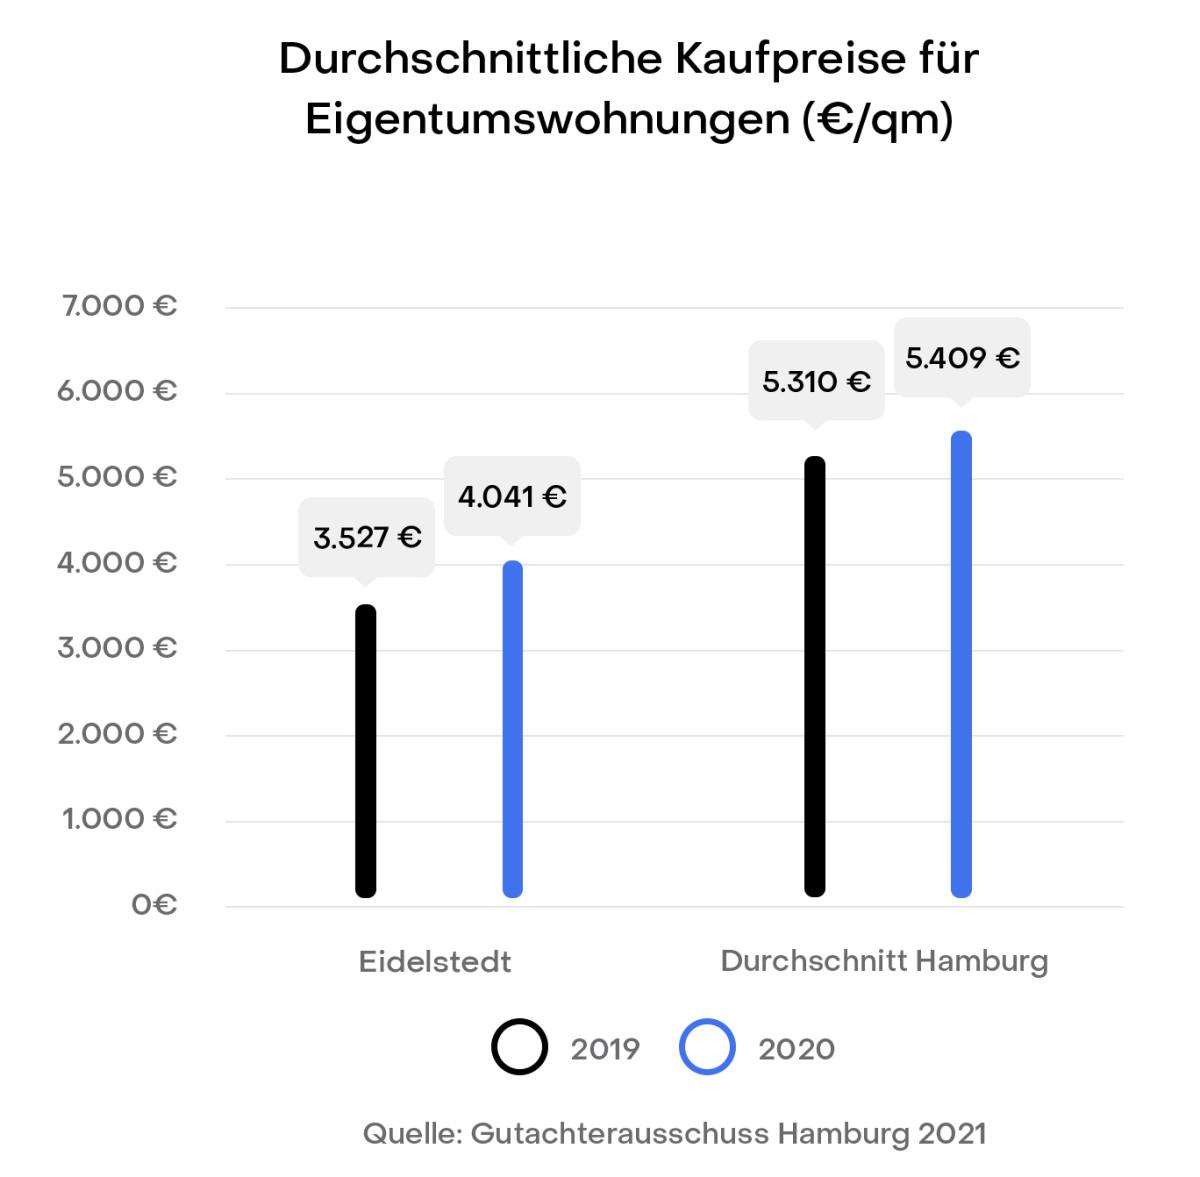 Hamburg Eidelstedt Preisentwicklung Immobilien Kaufpreise Gutachterausschuss